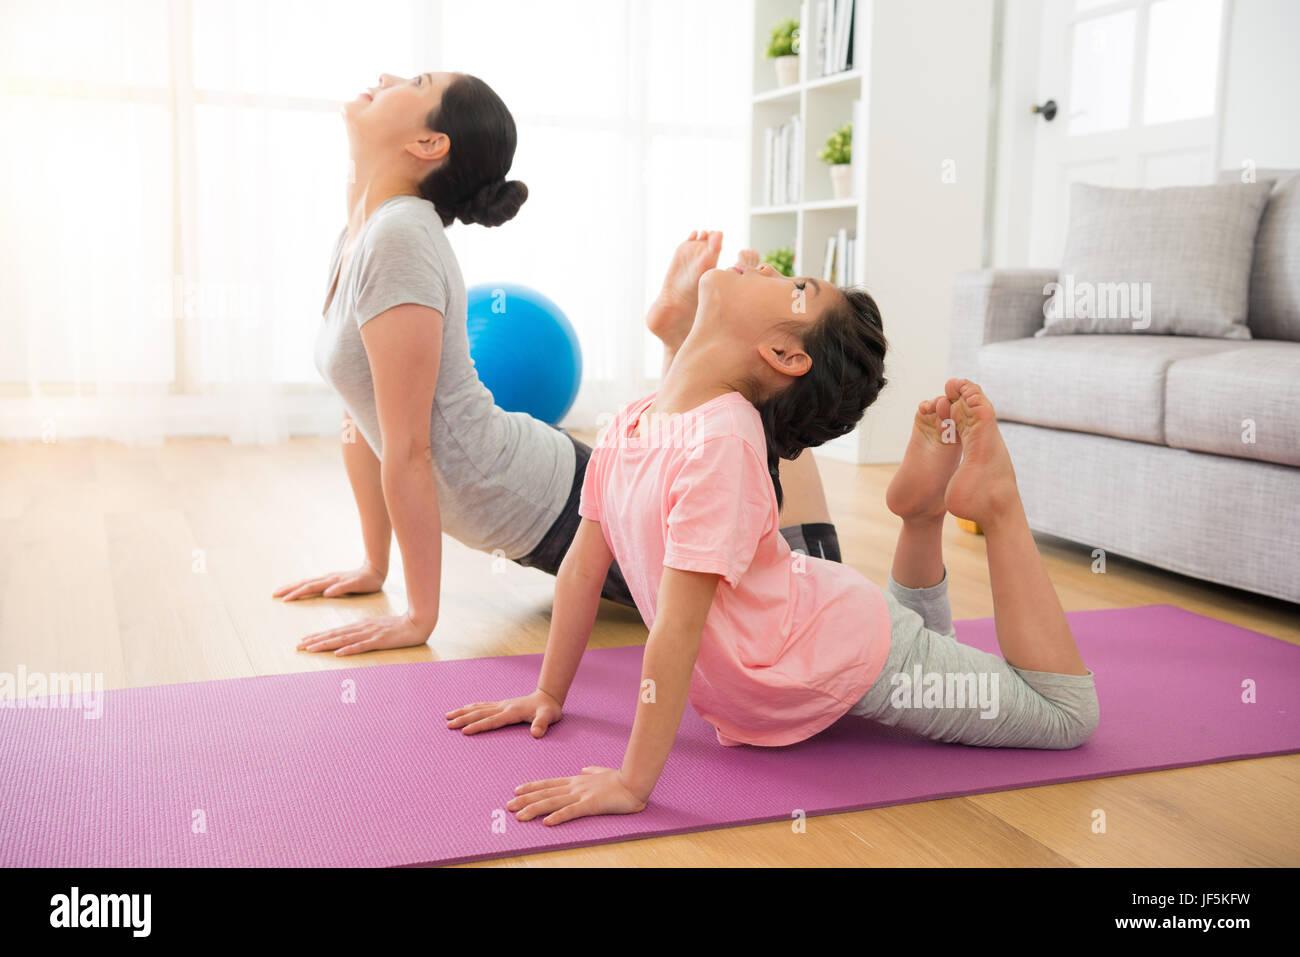 asiatische Mutter und Tochter Yoga Übungen im Urlaub in den Raum zu ...